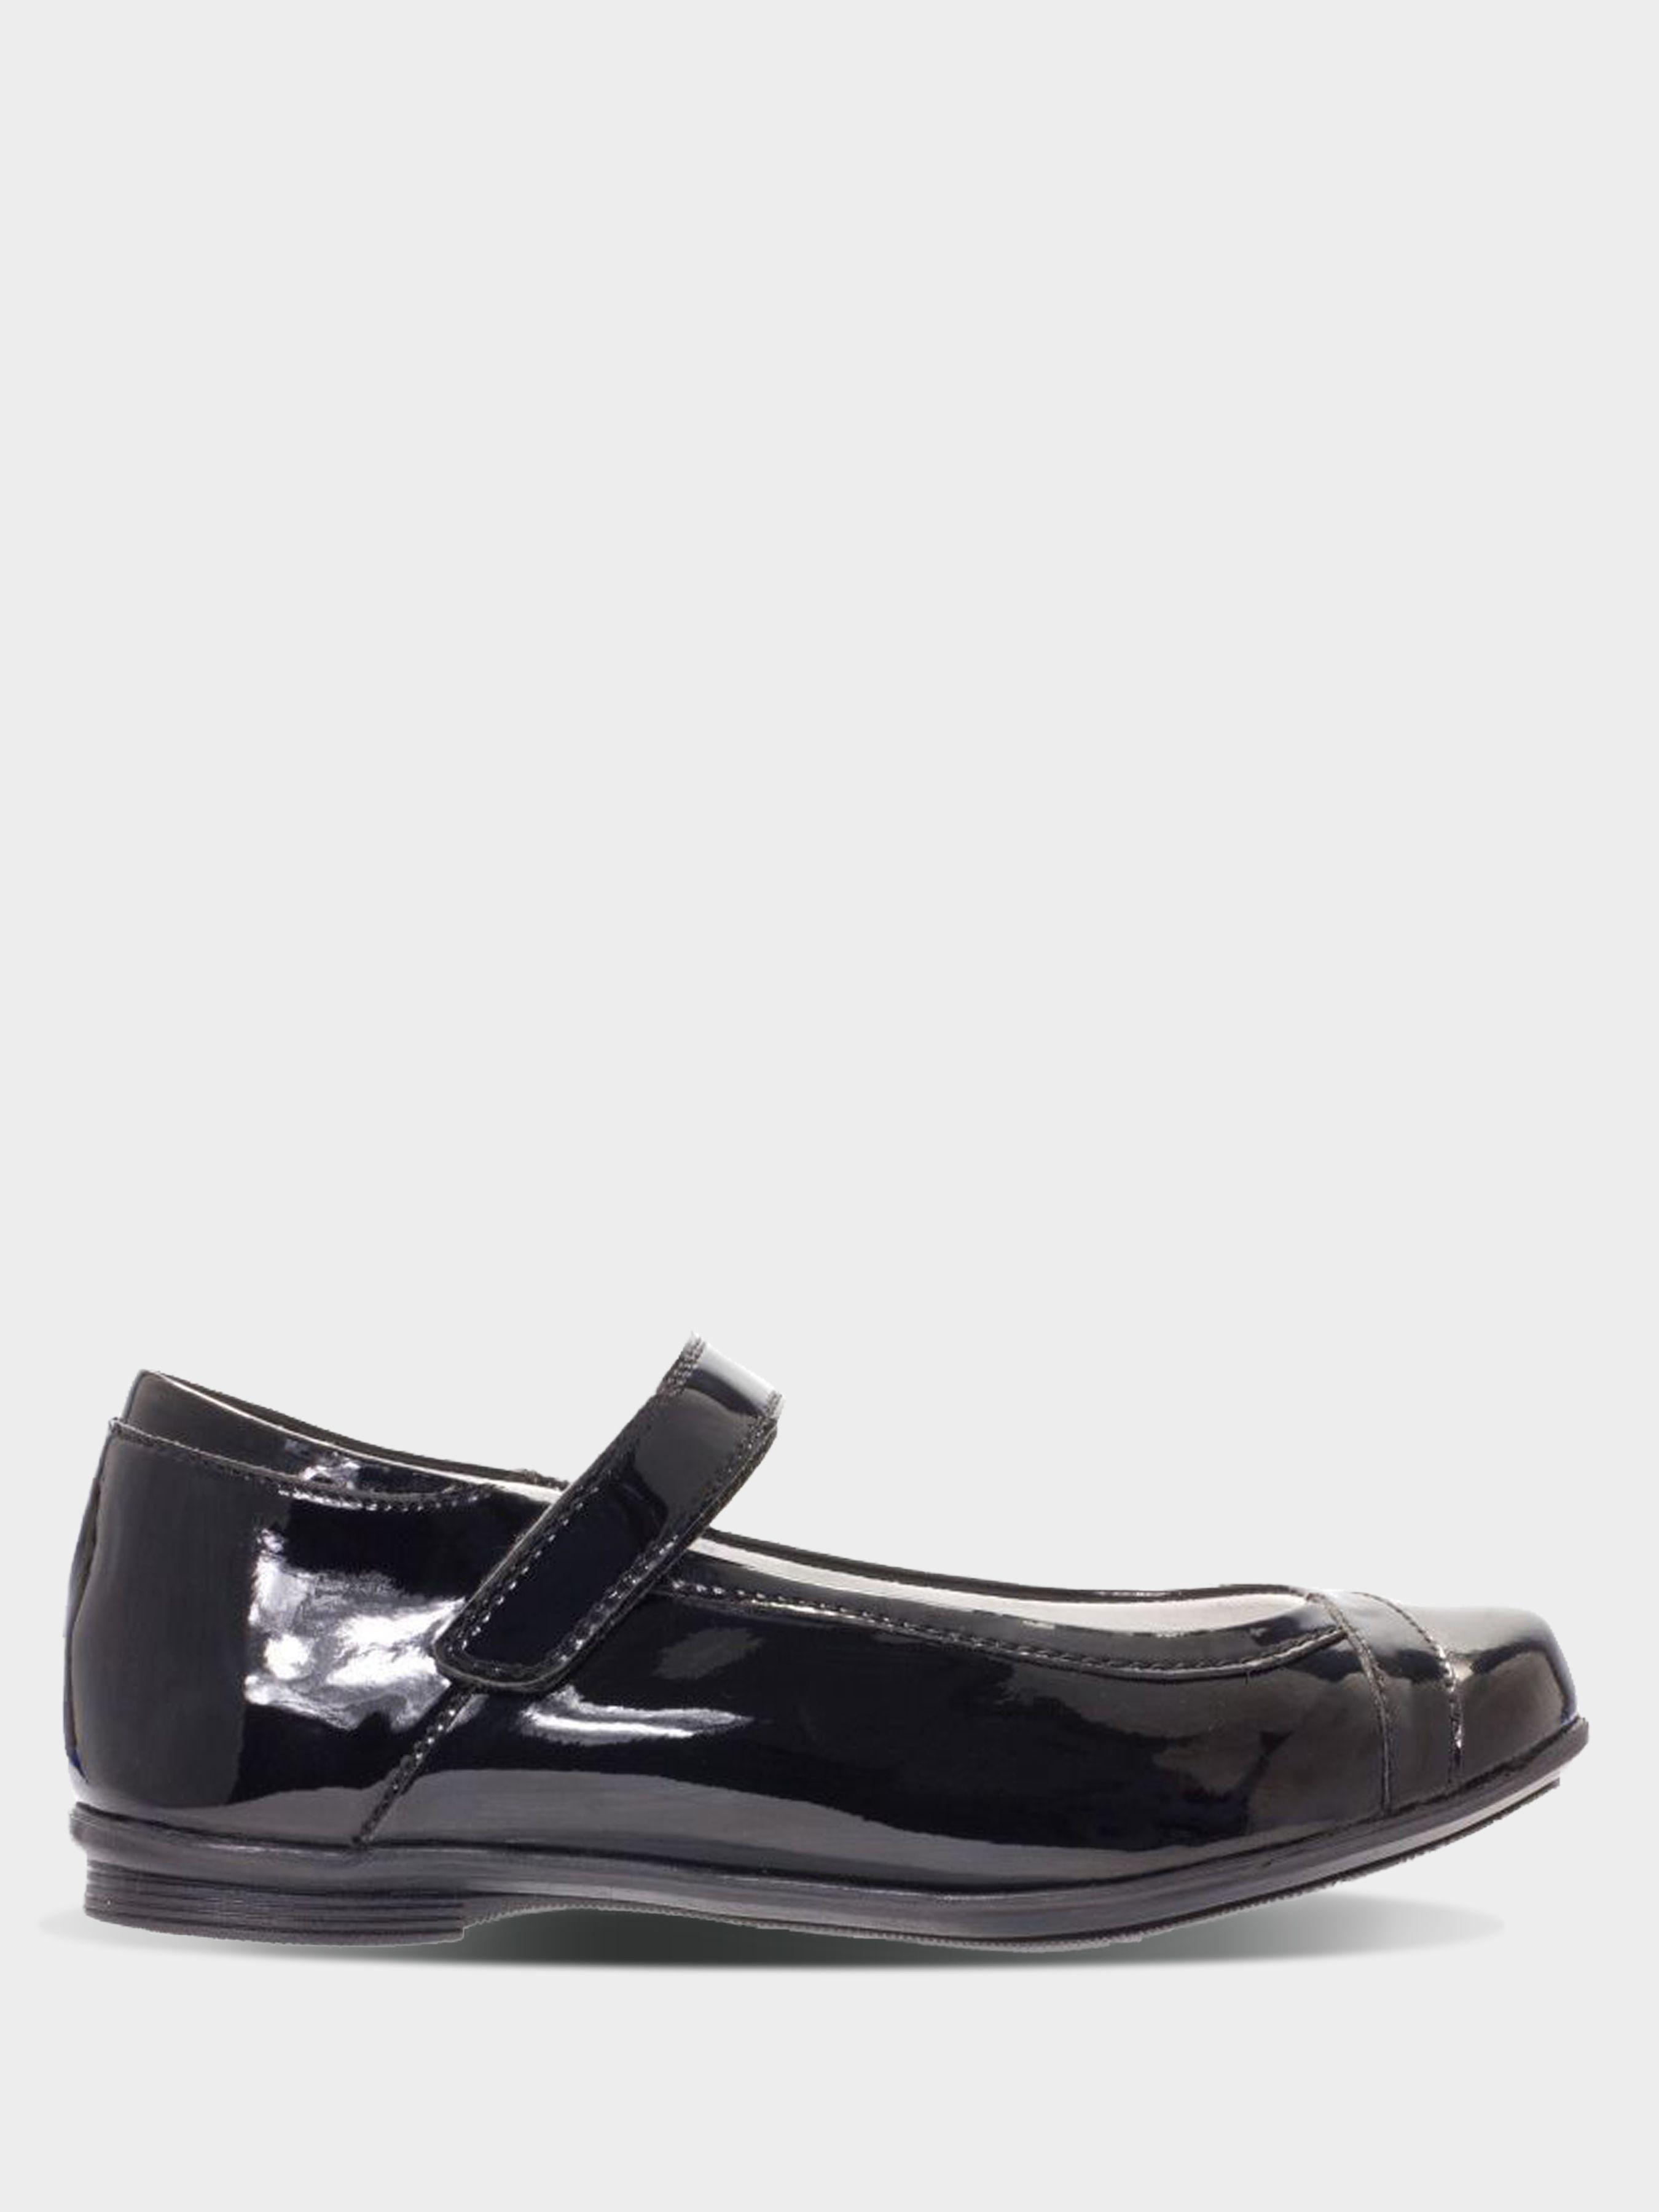 Купить Туфли детские Braska AE136, Черный